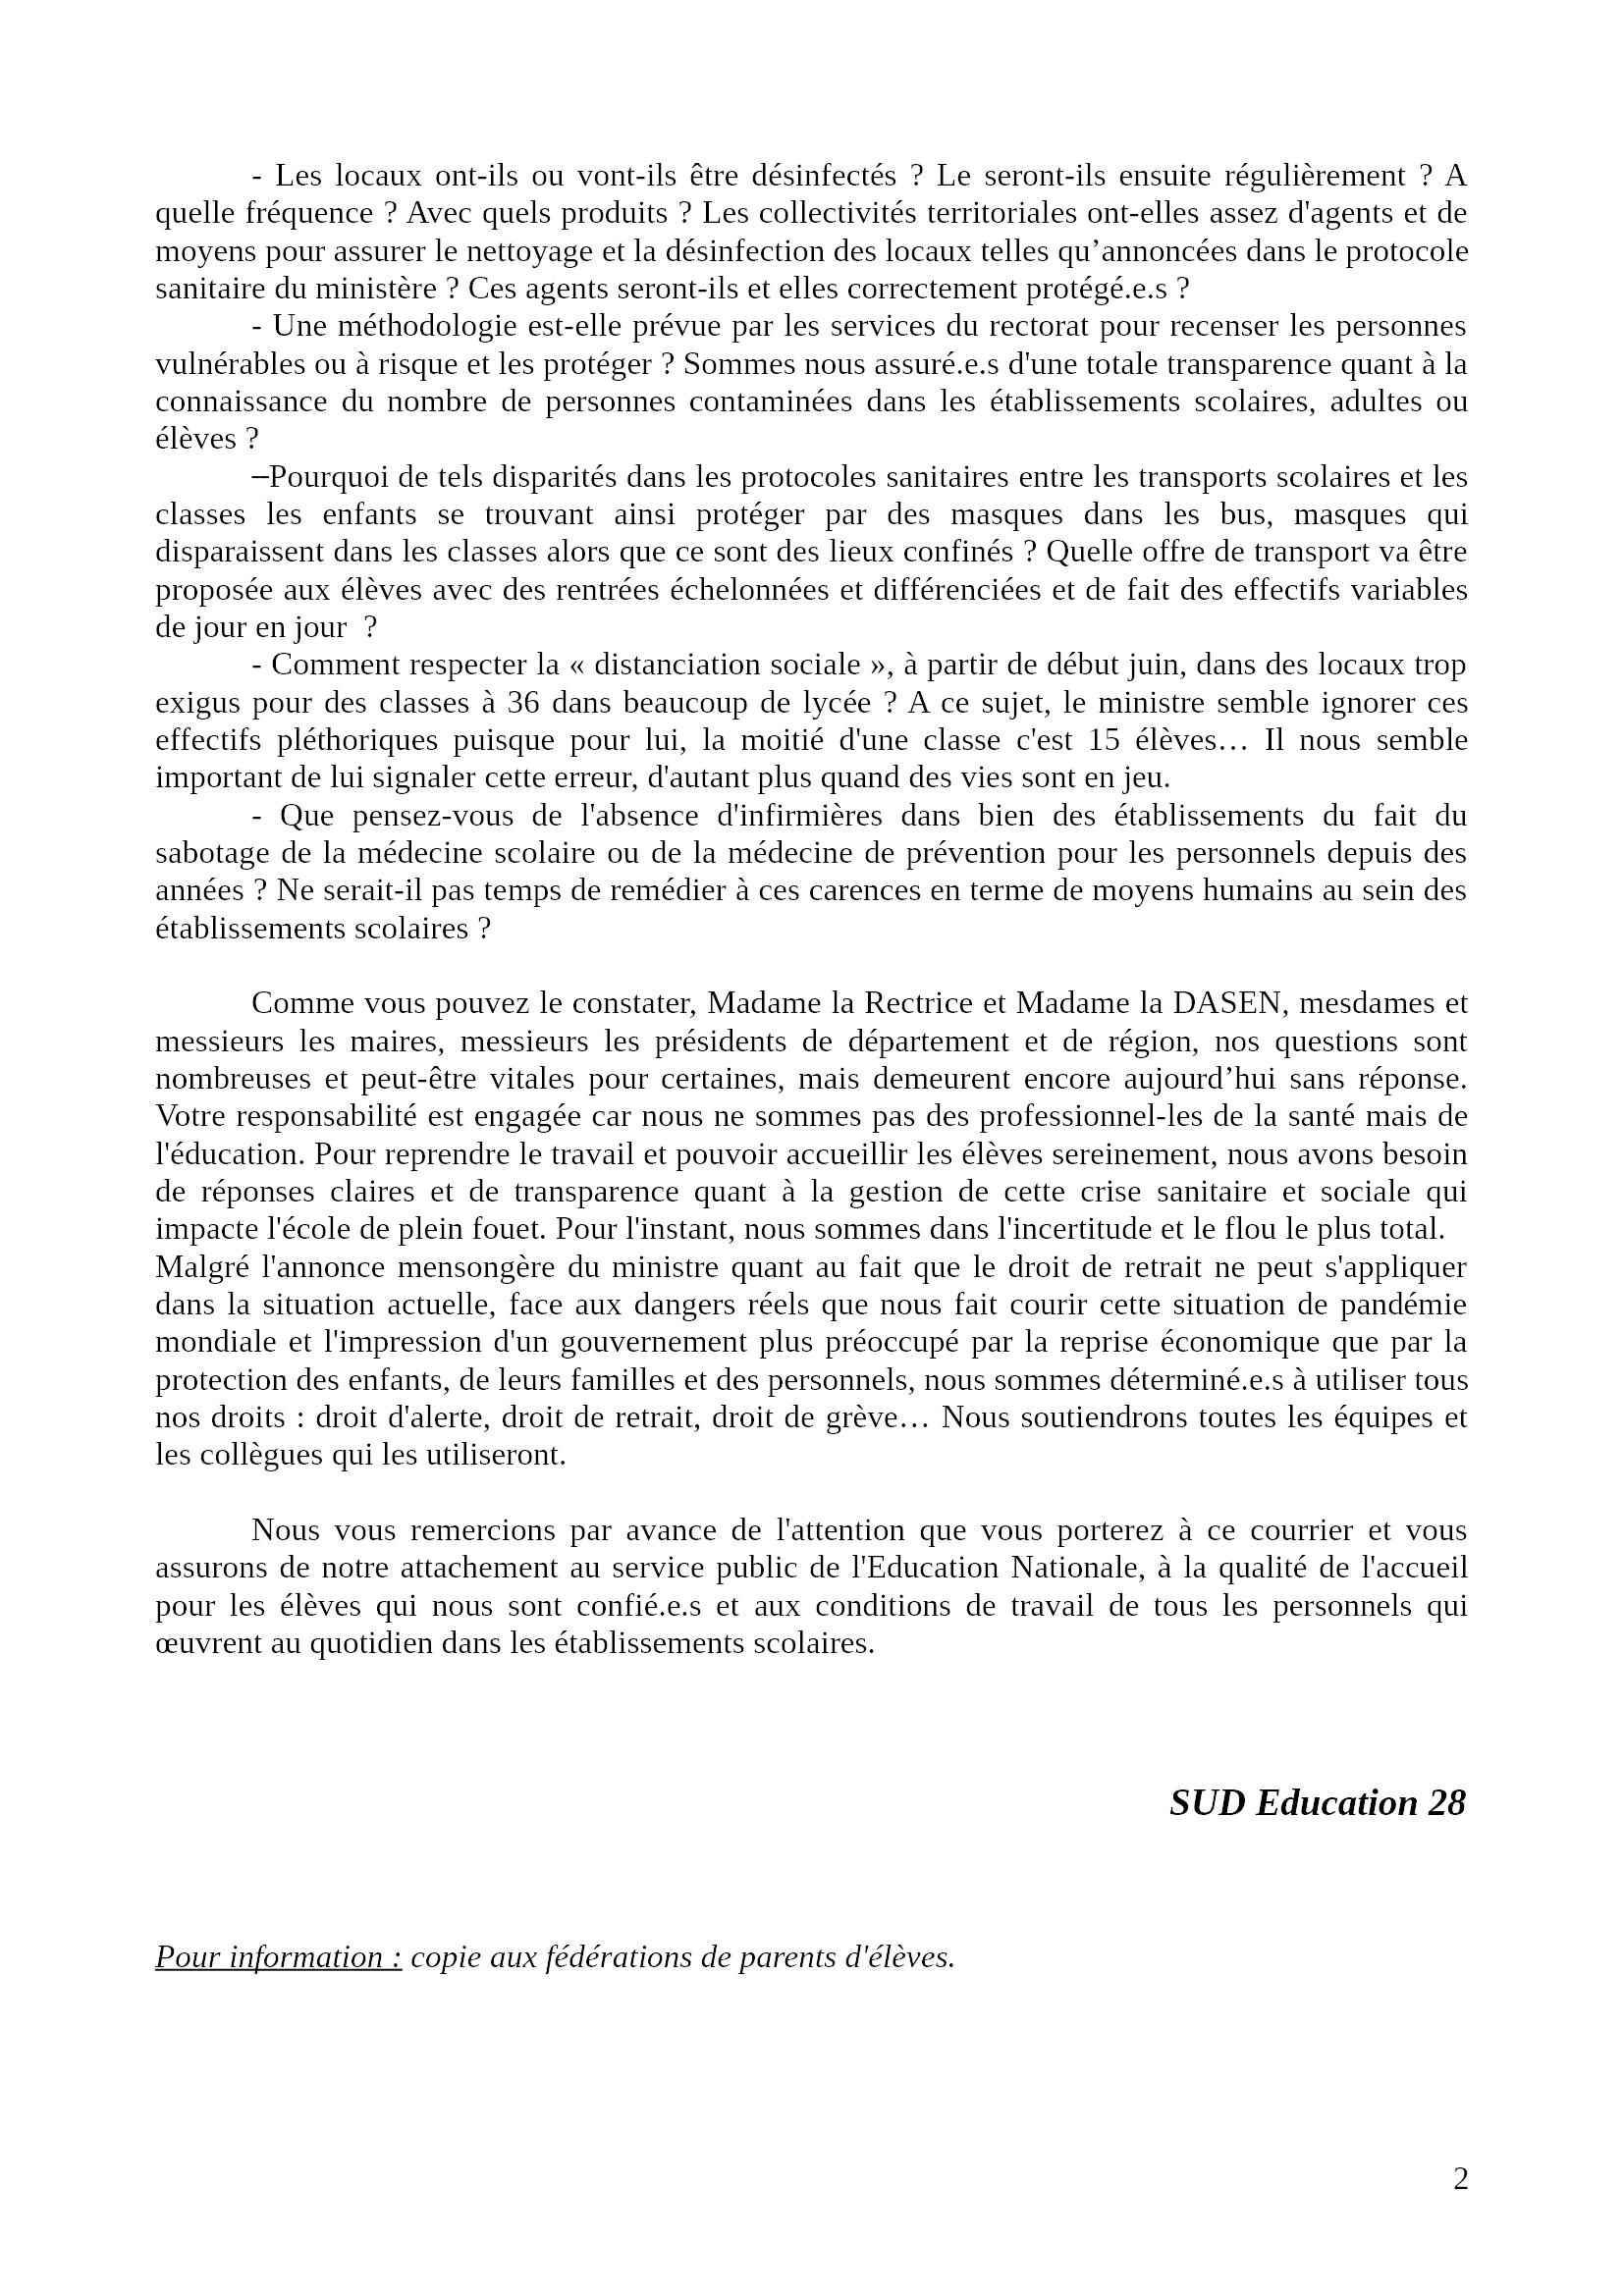 Lettre SUD-Éducation 28 à Rectrice DASEN CD Centre VdL Maires 2x2